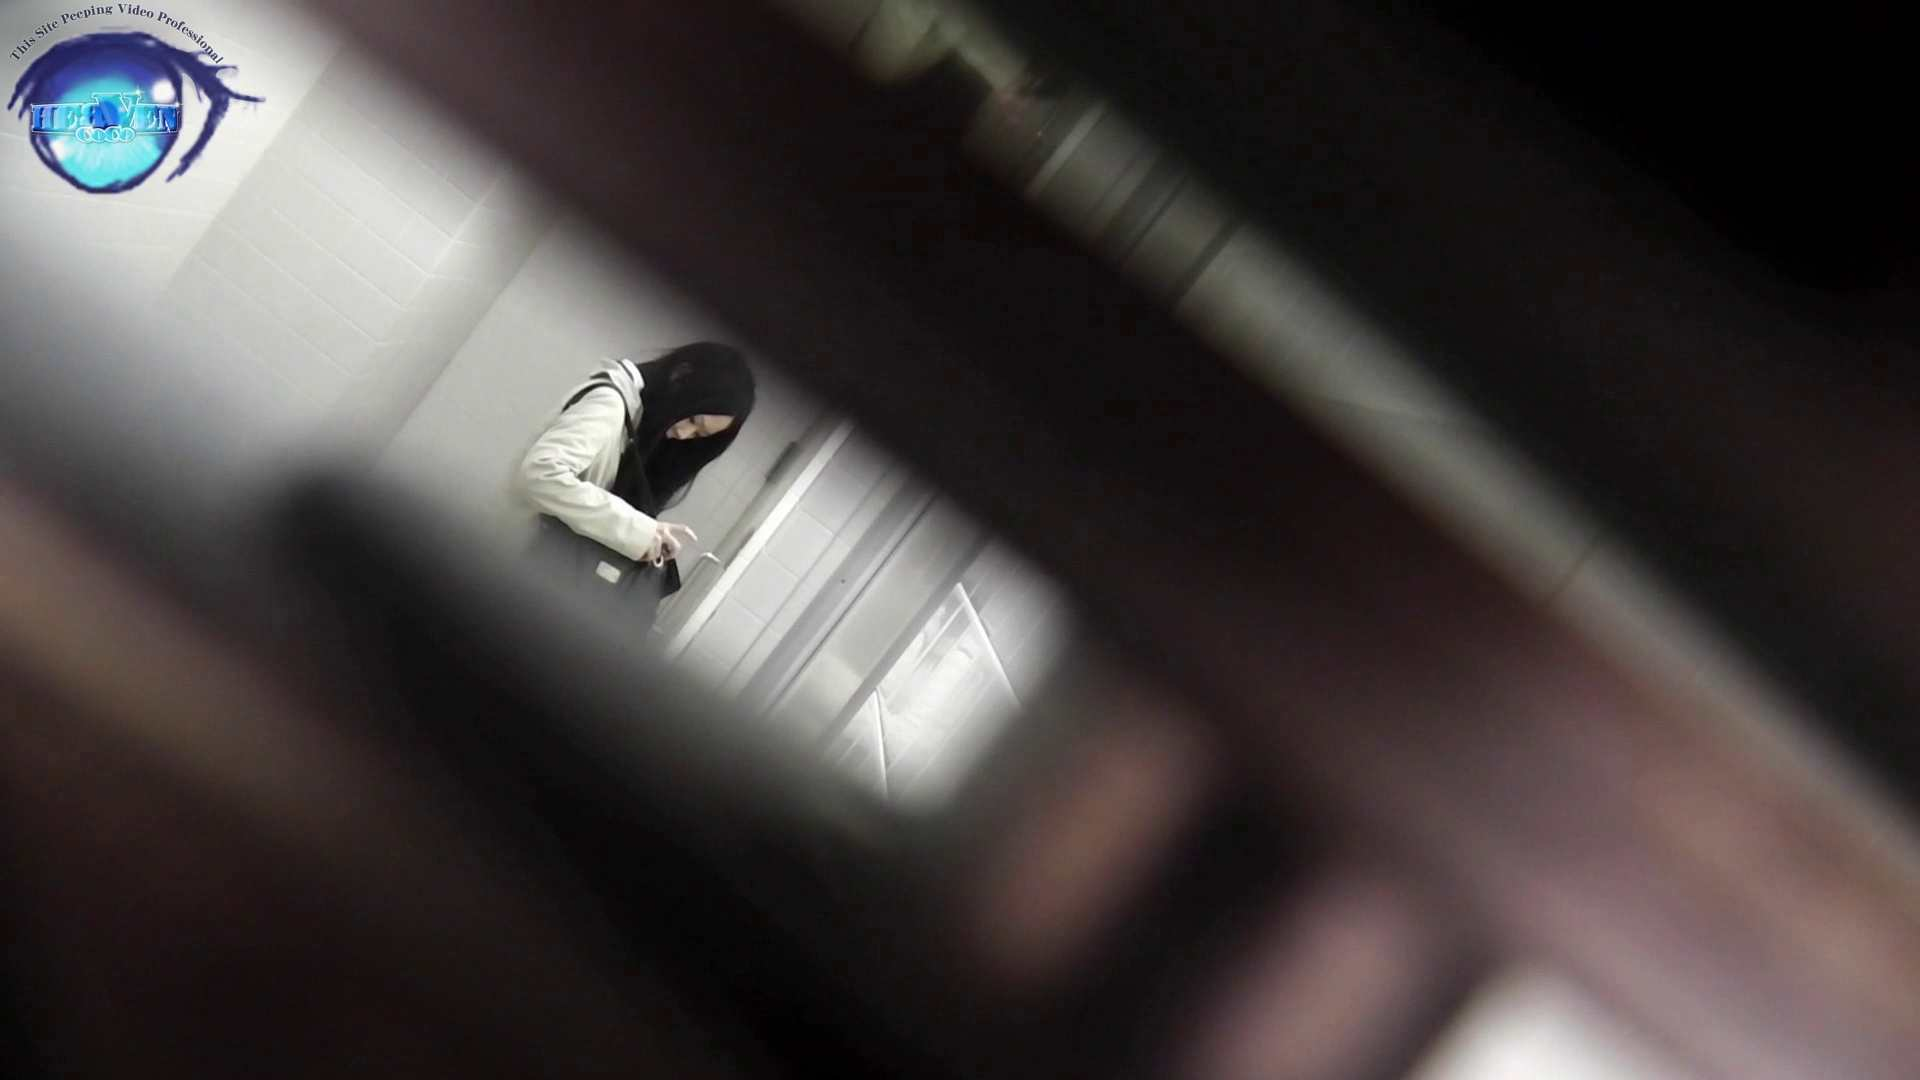 お銀さん vol.59 ピンチ!!「鏡の前で祈る女性」にばれる危機 前編 OLセックス  86画像 40